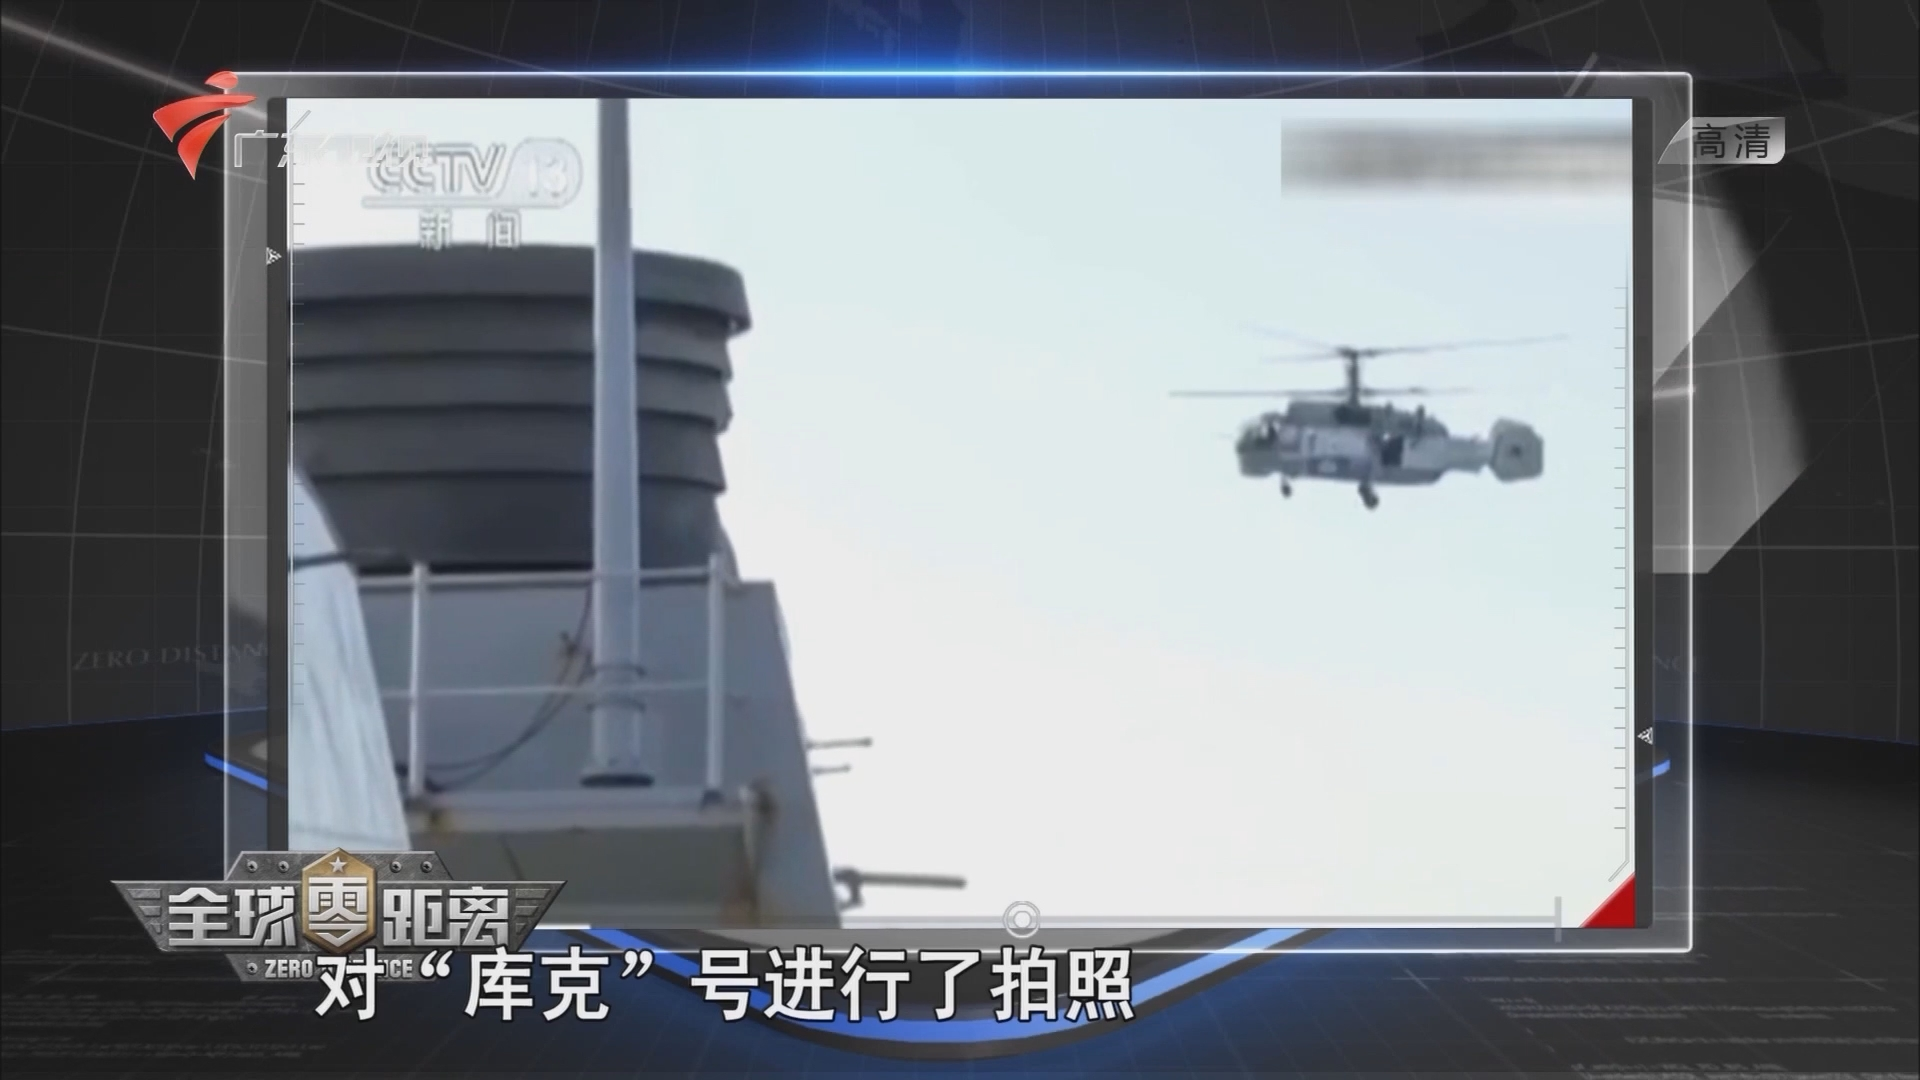 俄罗斯战机贴身飞越美国军舰